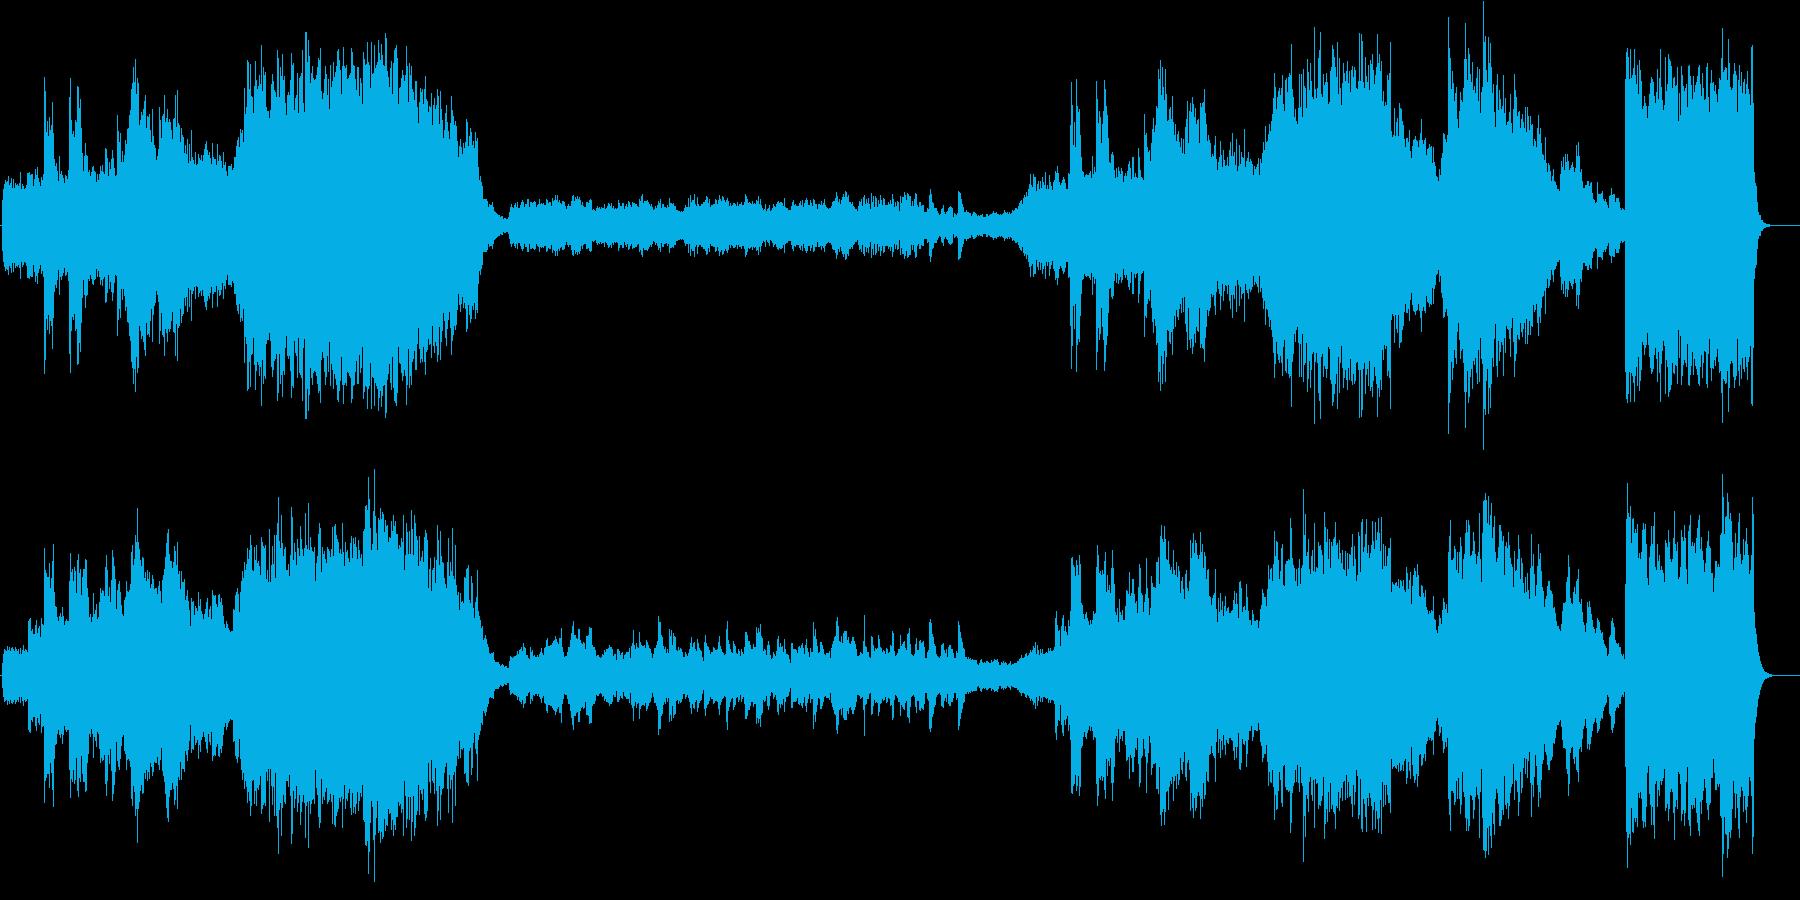 映画音楽風組曲展開、ロマンメインタイトルの再生済みの波形